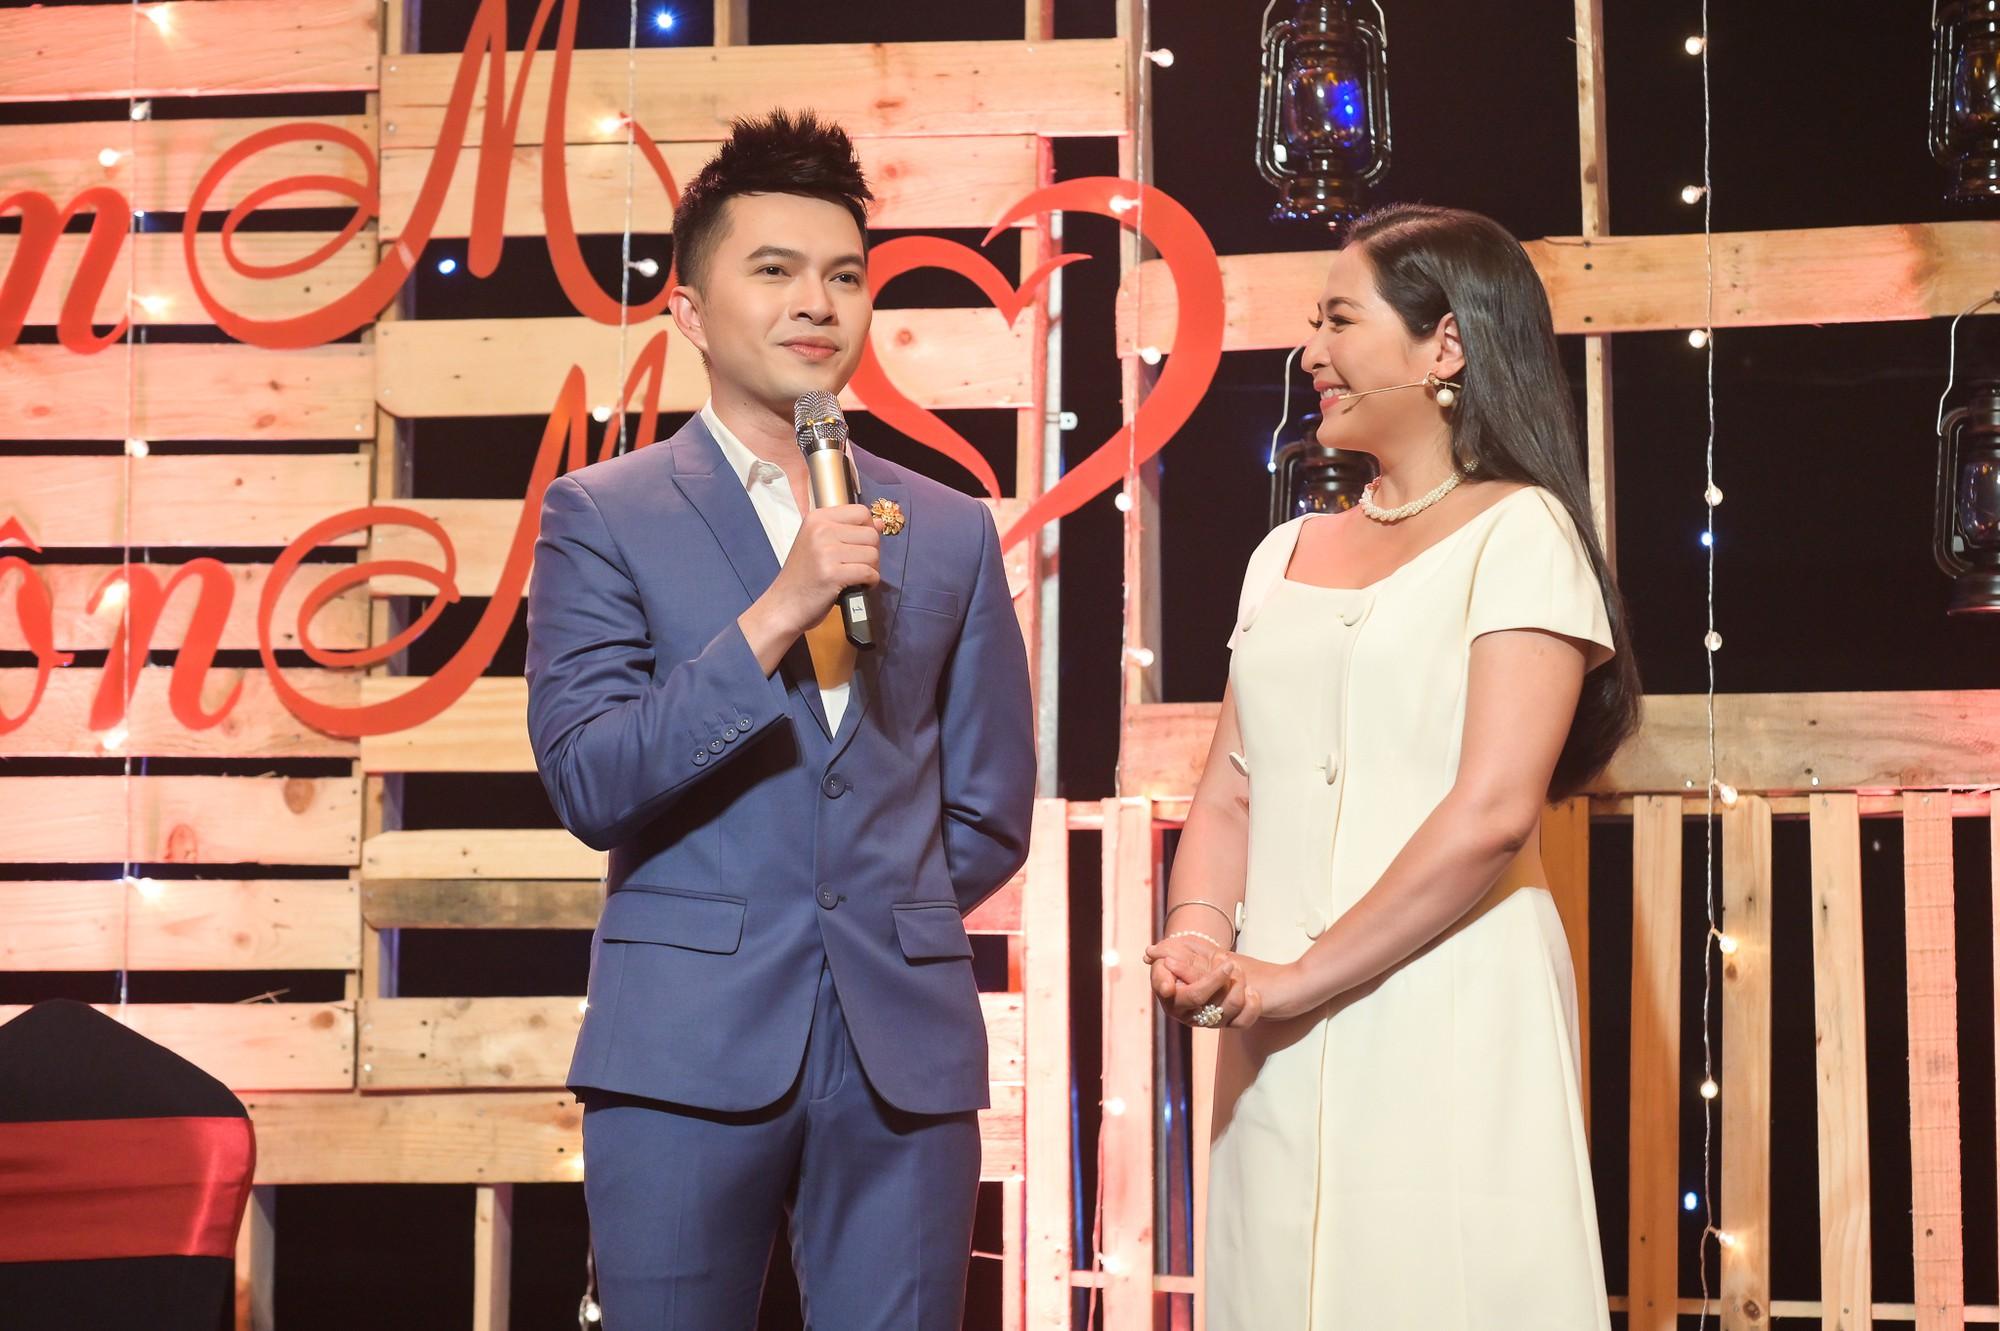 MC Quỳnh Hương khuyến khích mọi người đừng ngại ngần ôm và hôn mẹ khi còn có thể - Ảnh 2.